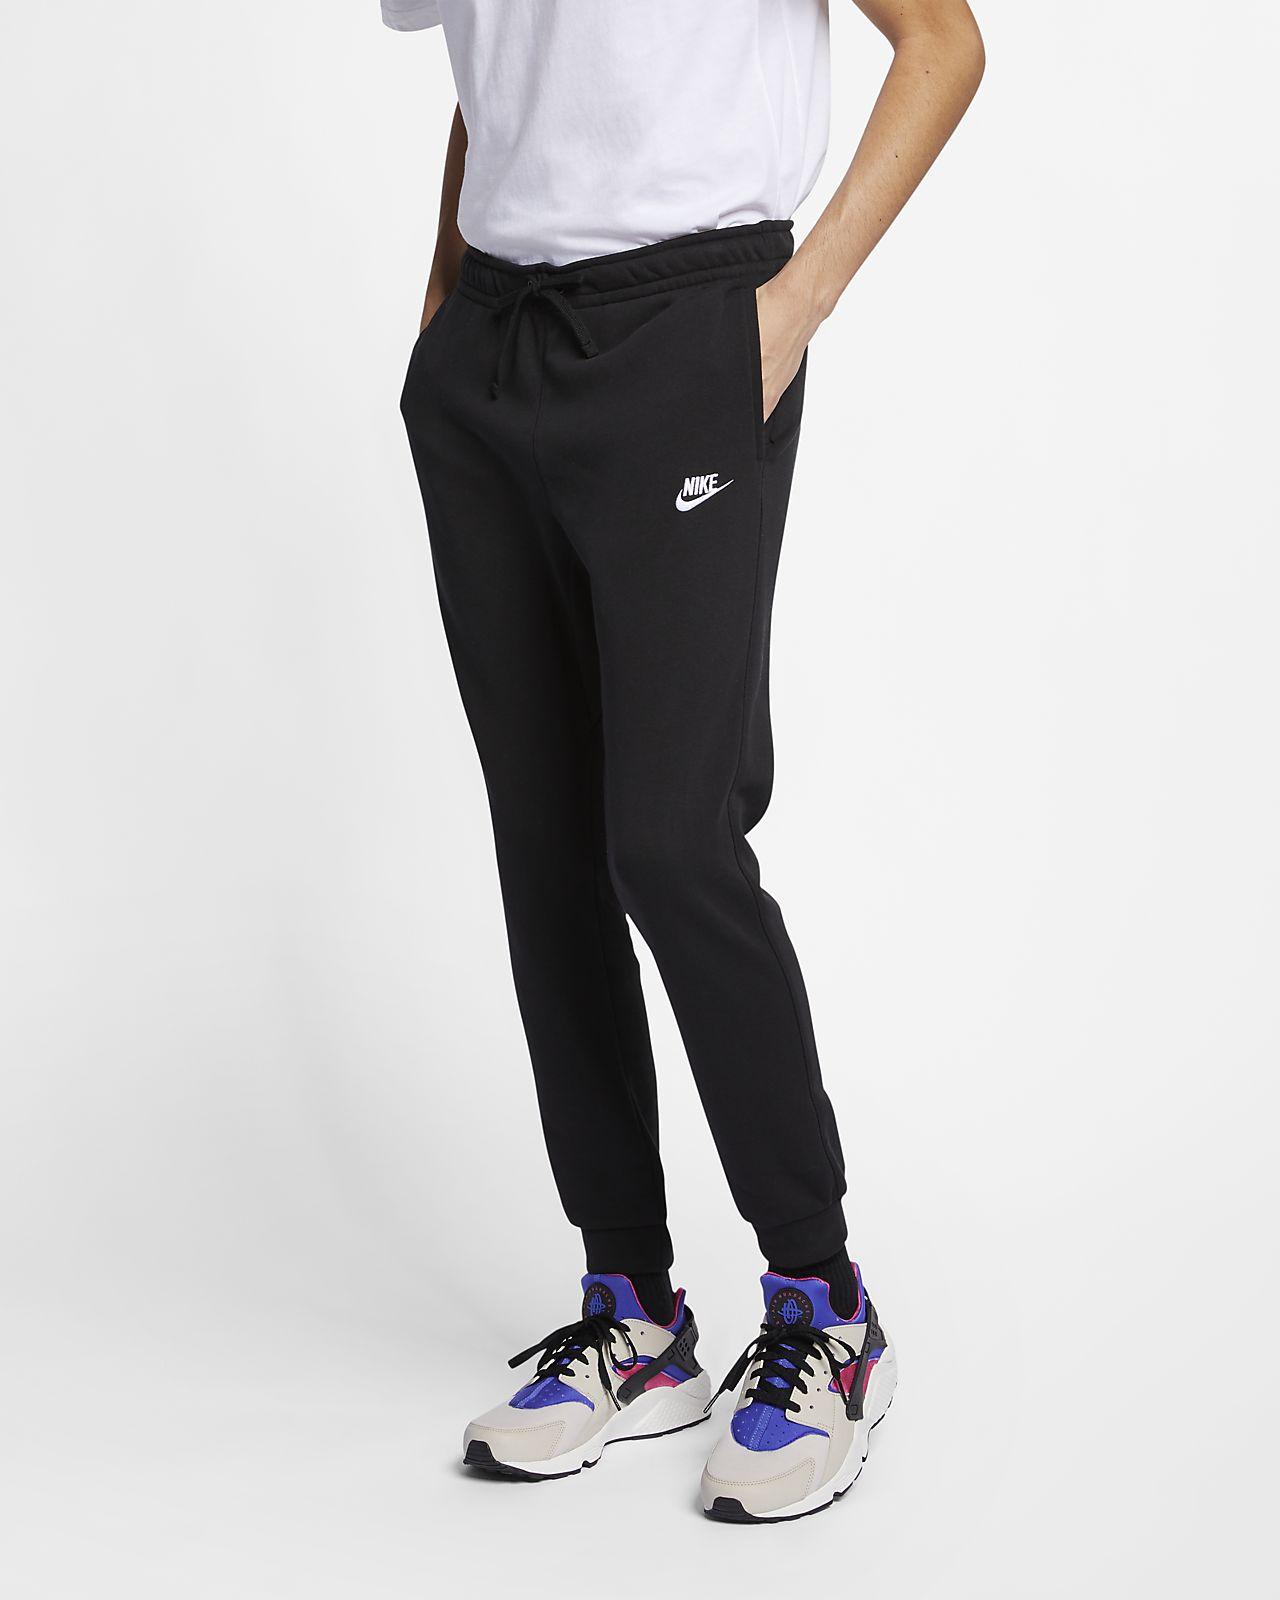 buy online 08acf 713b2 ... Pantalon de jogging Nike Sportswear pour Homme